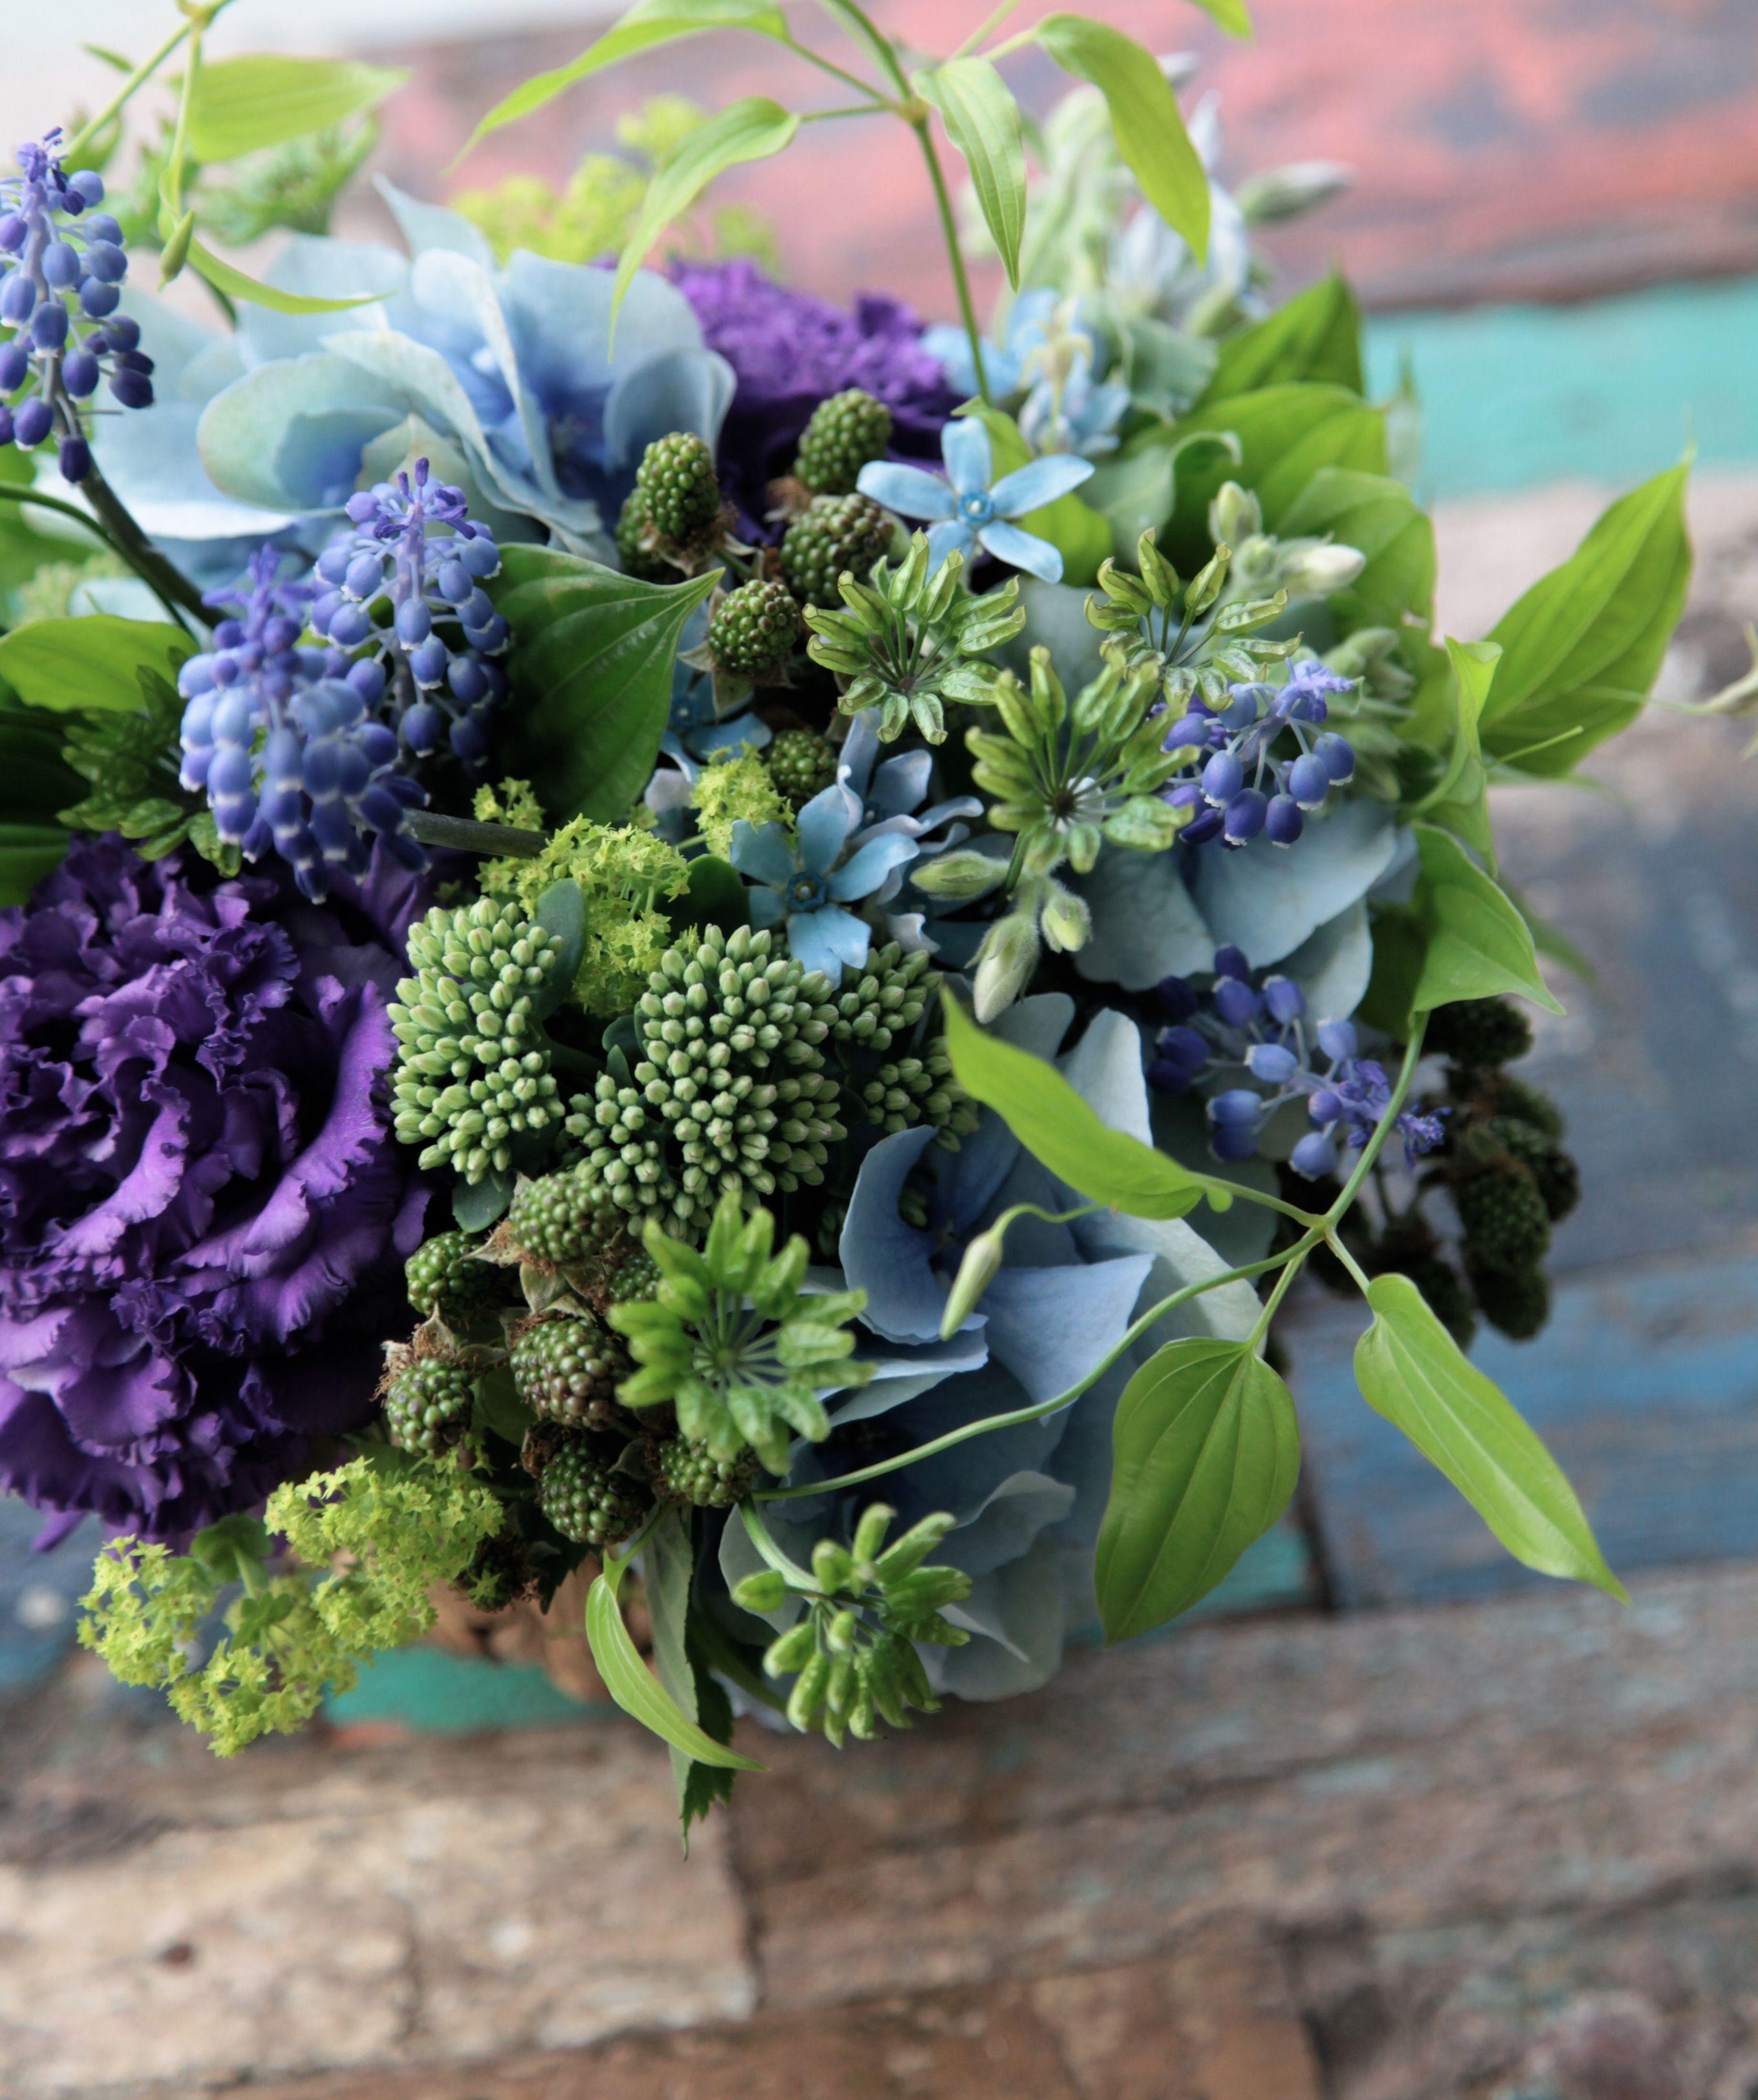 フラワーアレンジメント/ブルーアレンジ/ブルースター/ムスカリ/セダム/花どうらく/花屋/http://www.hanadouraku.com/flower arrengement/ | Flower Arrangement | Pinterest | Flower, Flowers and Flower arran…